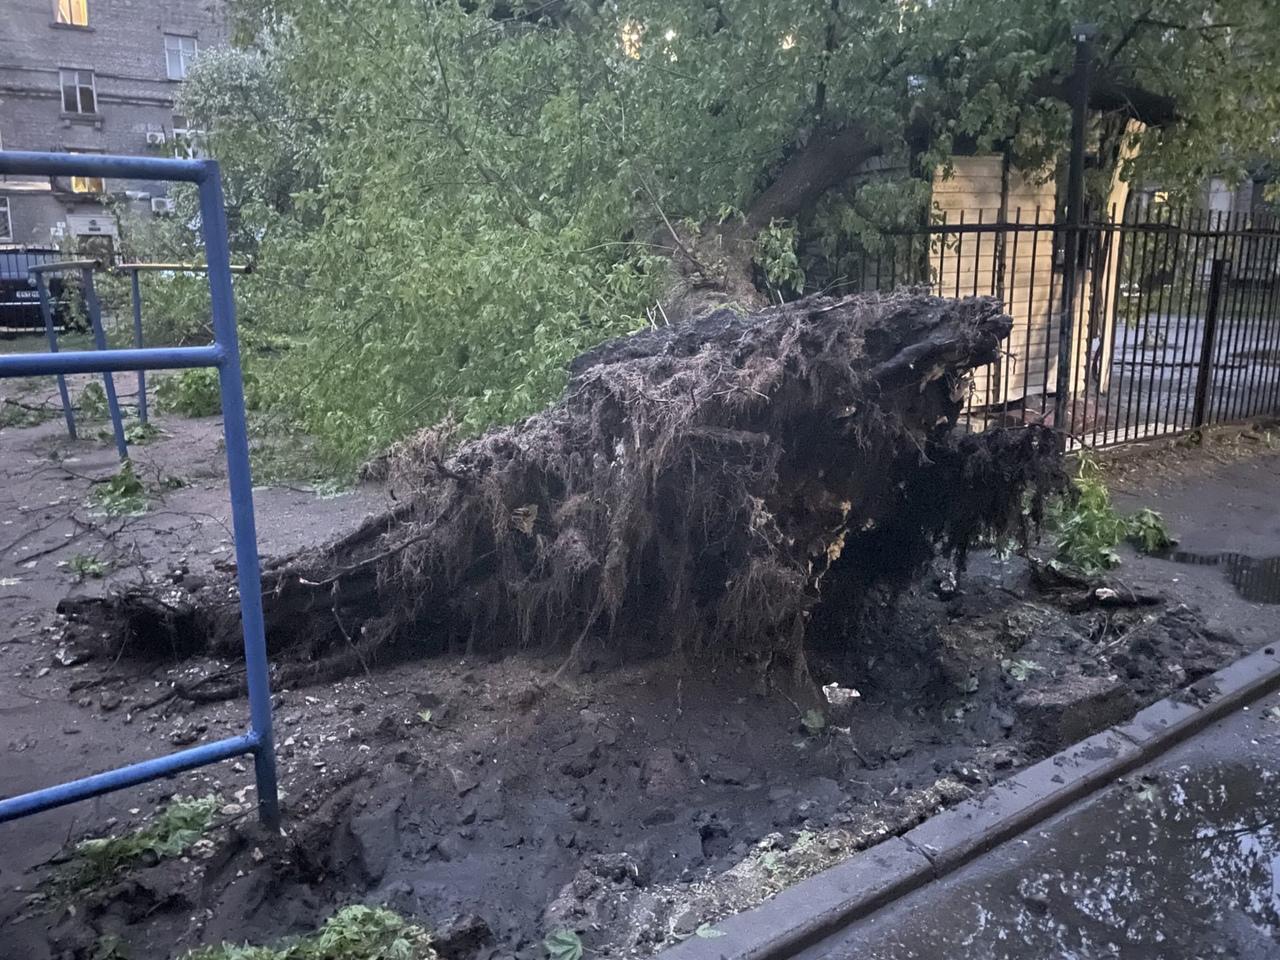 Во дворе дома 8 по Сестрорецкой улице в Приморском районе дерево придавило машину и детскую площадку...